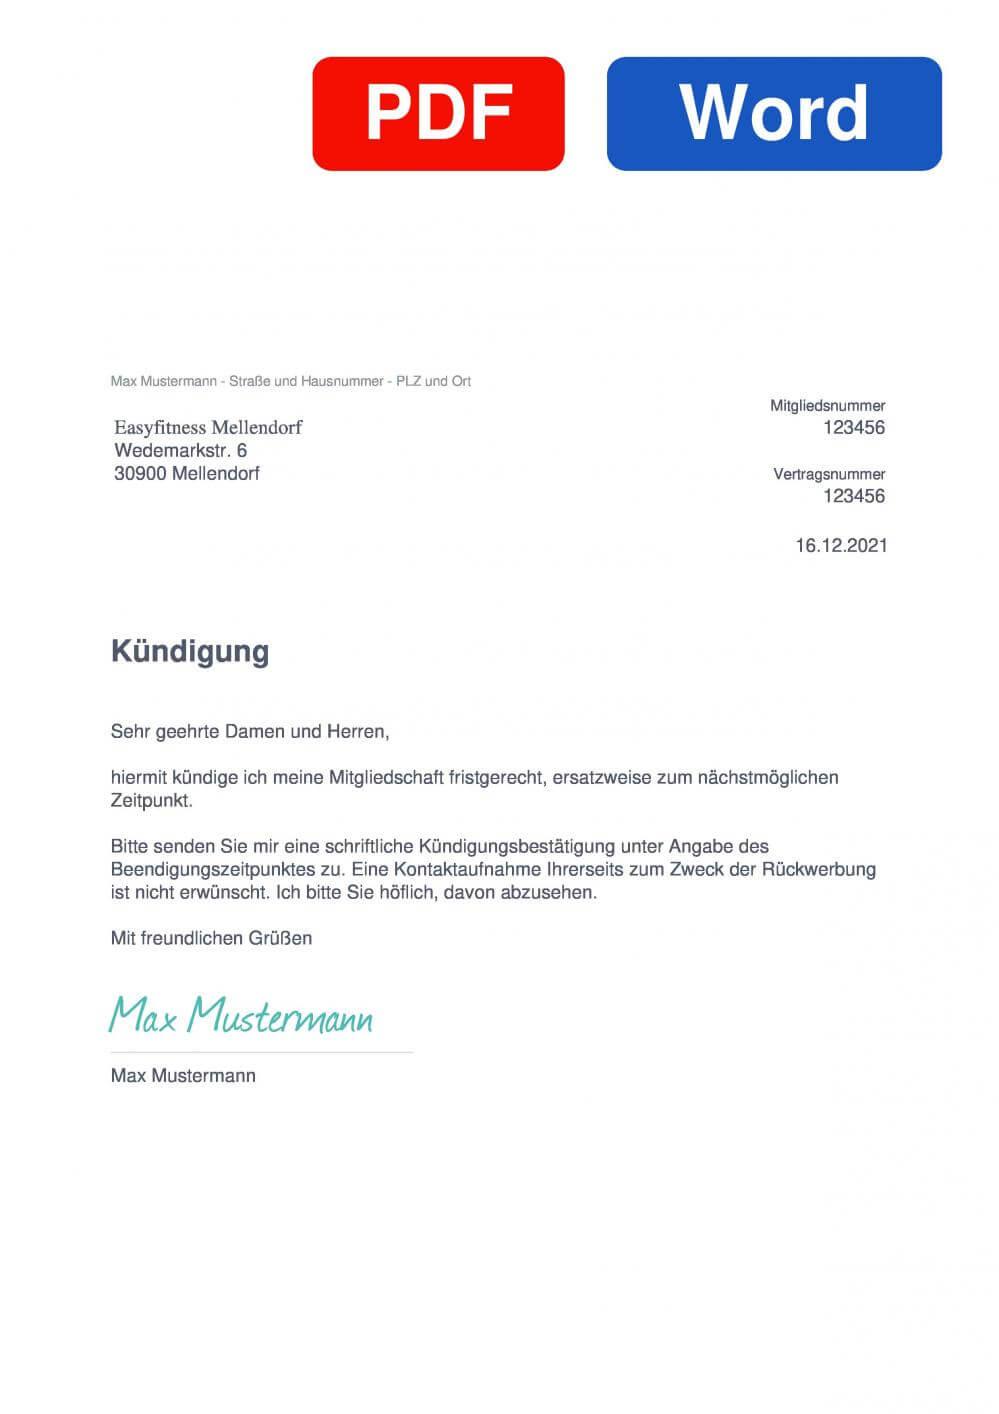 EASYFITNESS Mellendorf Muster Vorlage für Kündigungsschreiben